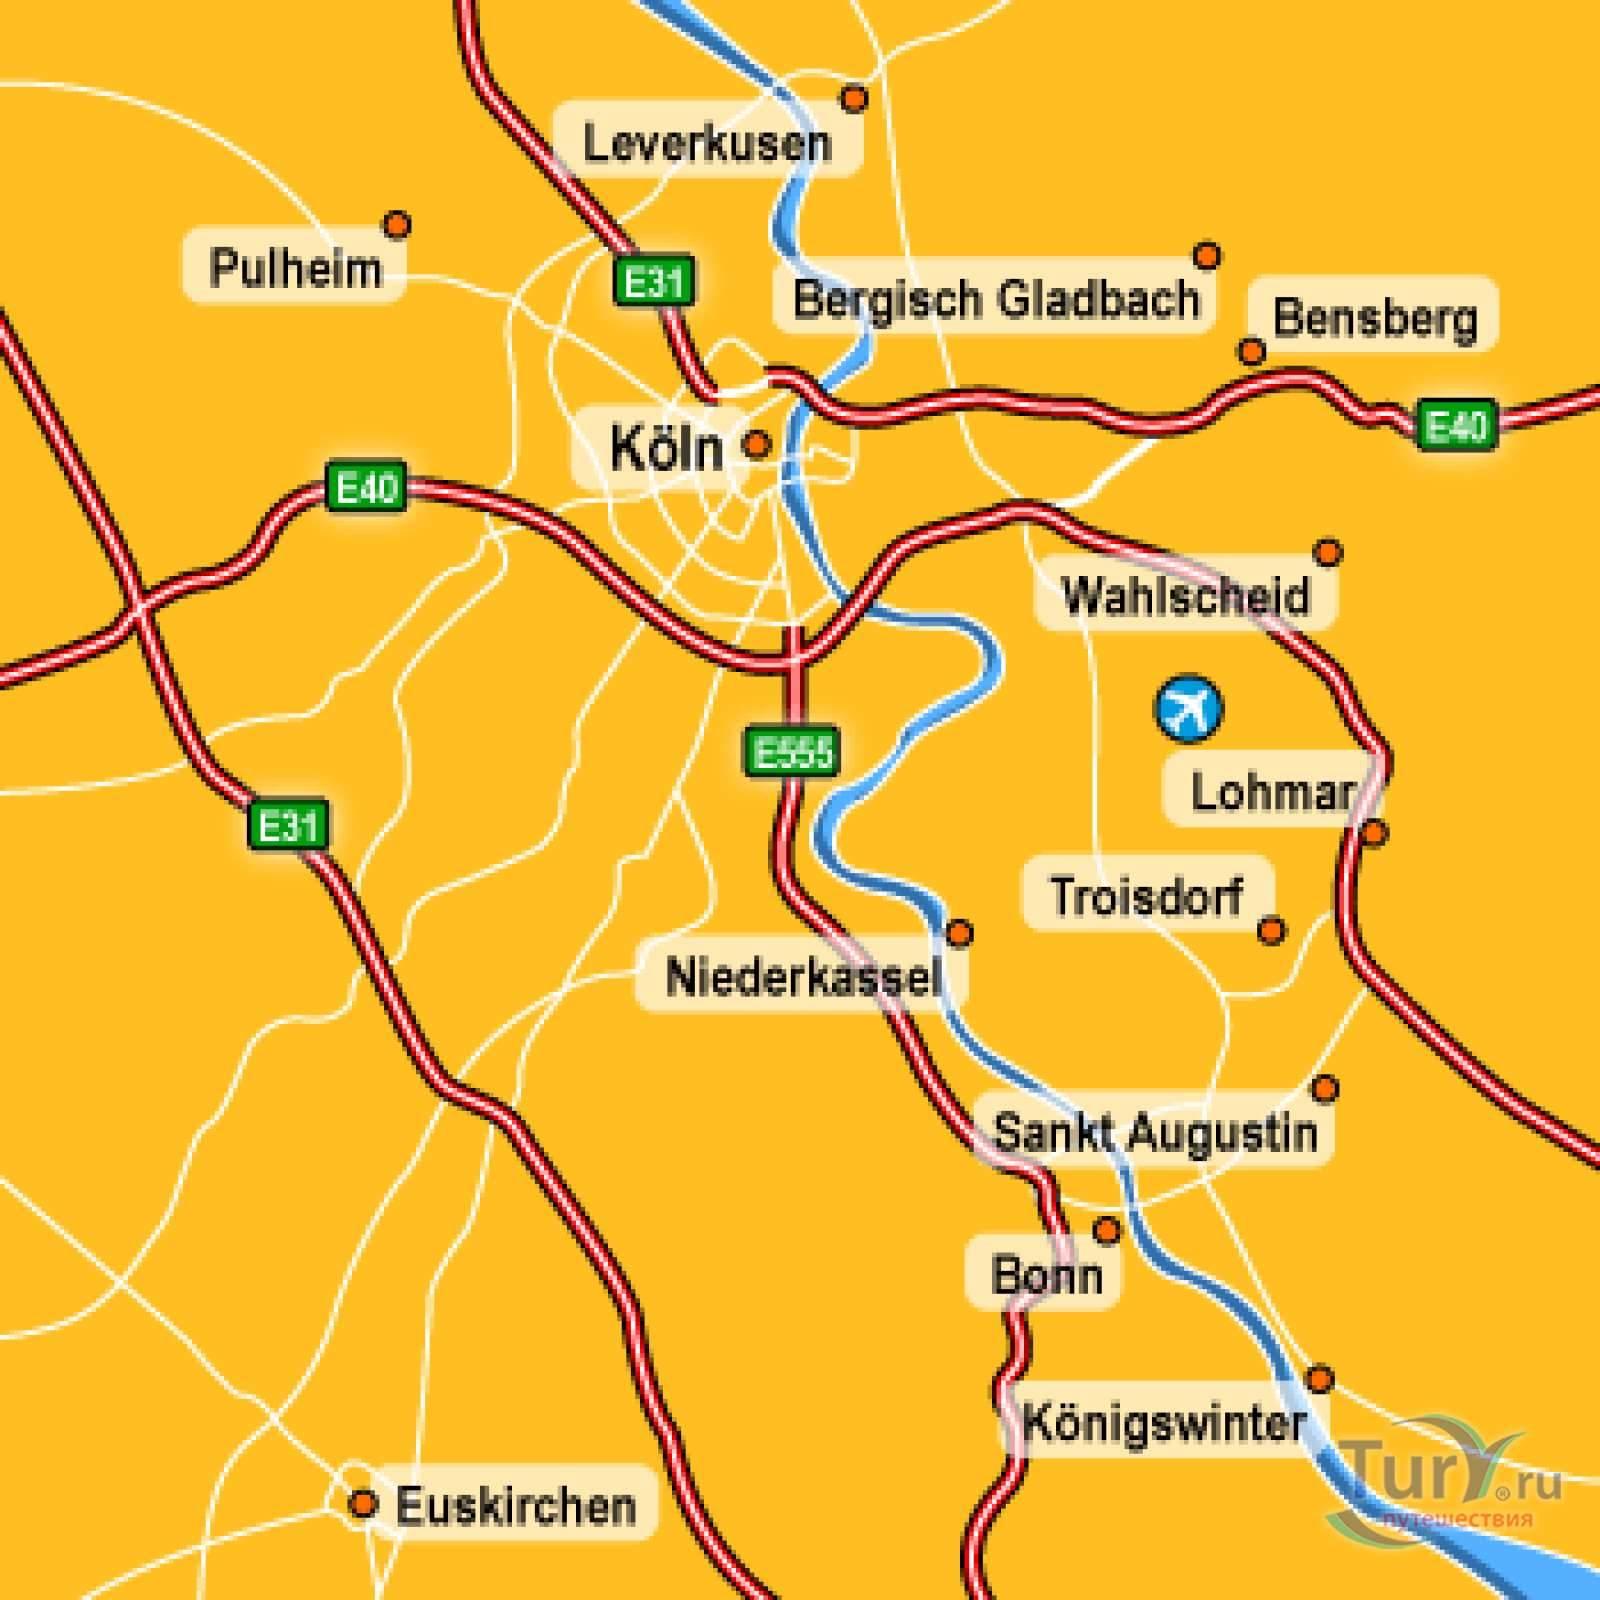 Добираемся из кельна в бонн - ваш личный путеводитель по городам европы